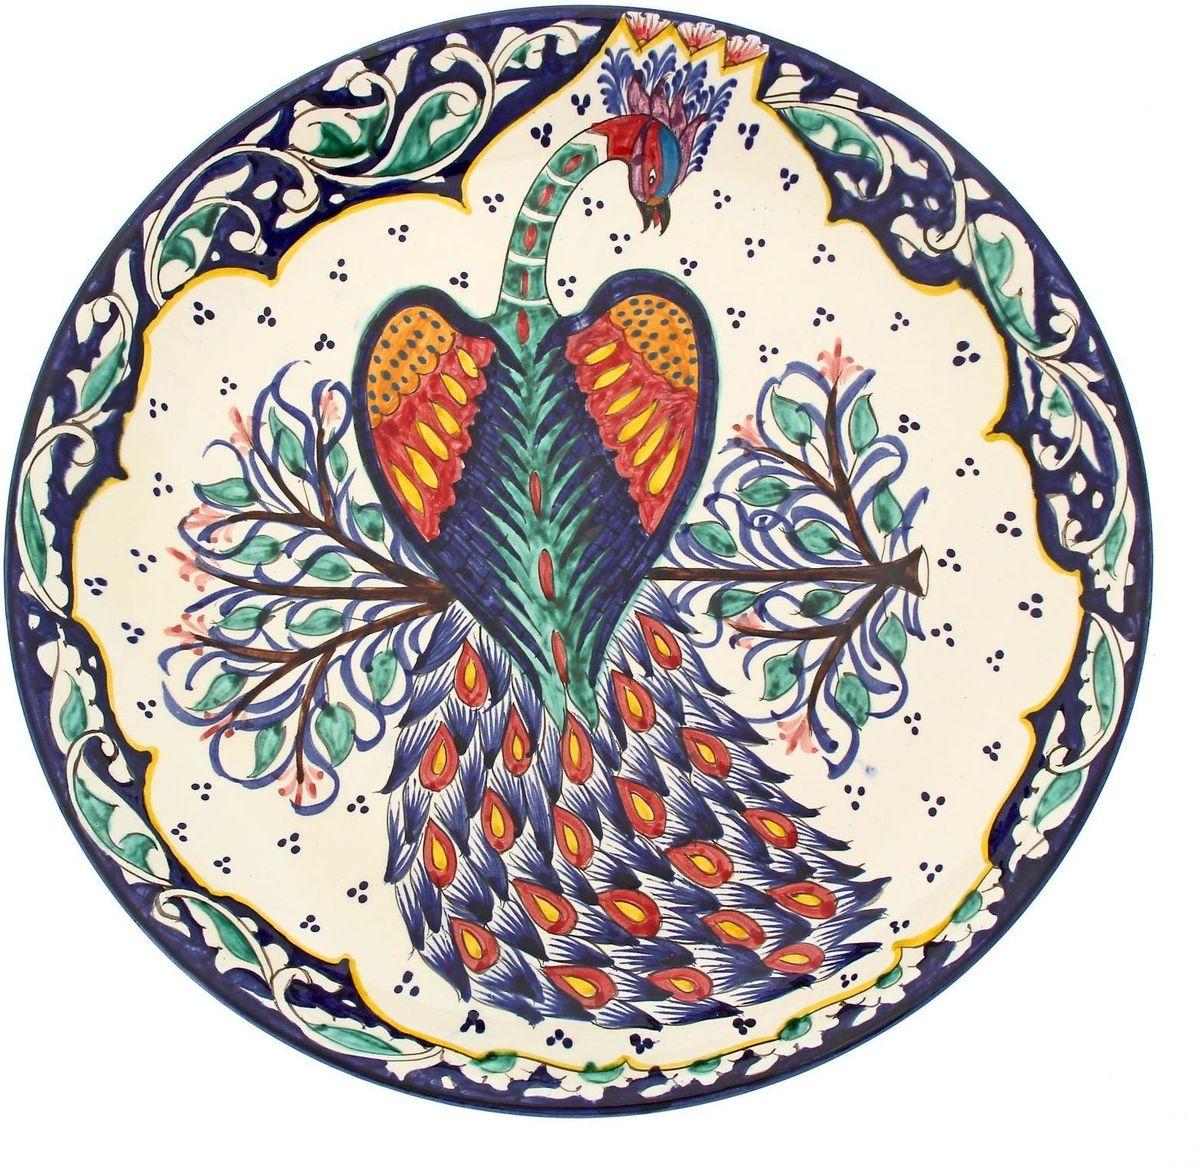 """Ляган Риштанская керамика """"Павлин"""", цвет: синий, белый, зеленый, диаметр 36 см"""